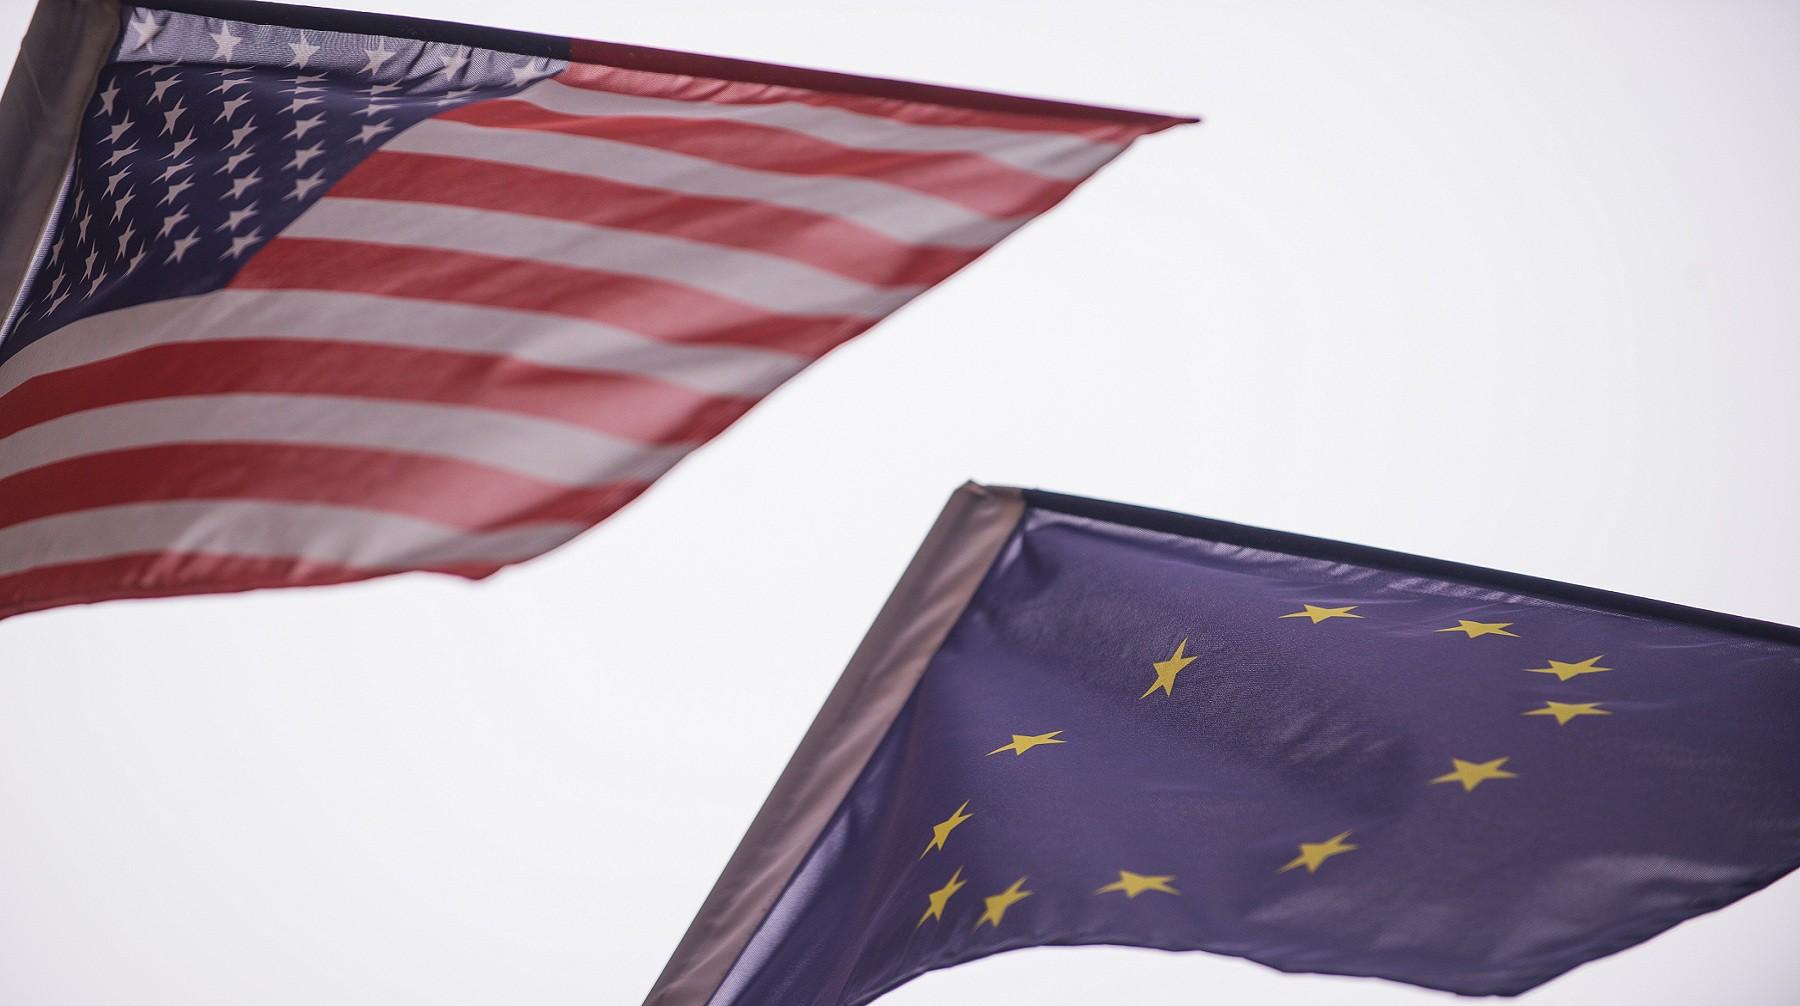 Меркель, Макрон иМэй ответят наэкономические меры состороны Соединённых Штатов Америки